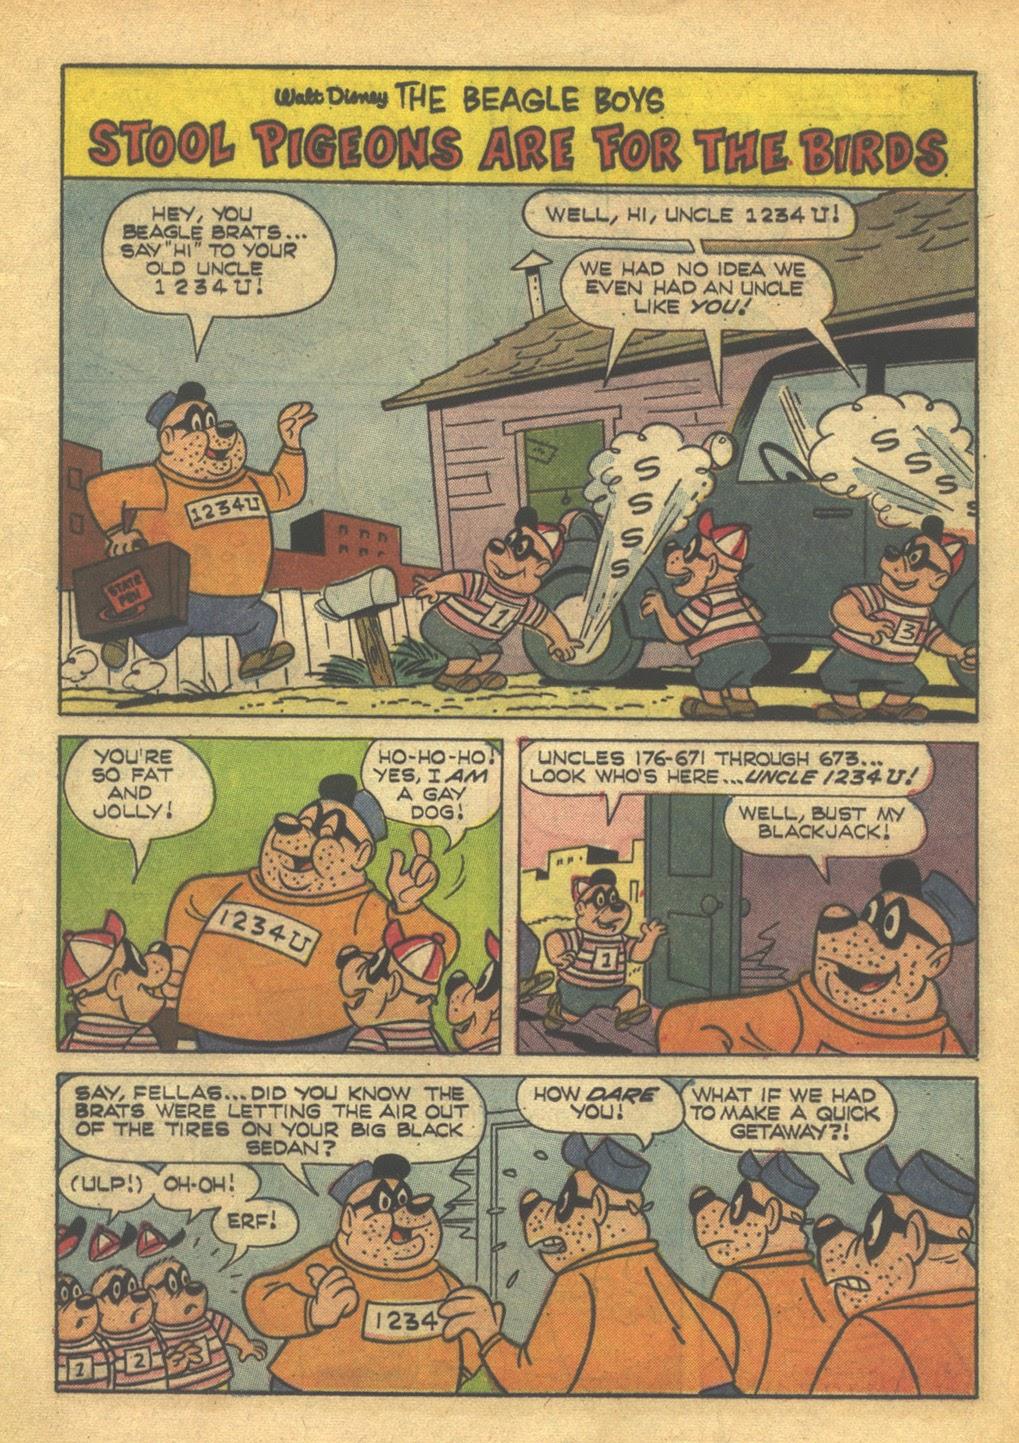 Walt Disney THE BEAGLE BOYS issue 7 - Page 13